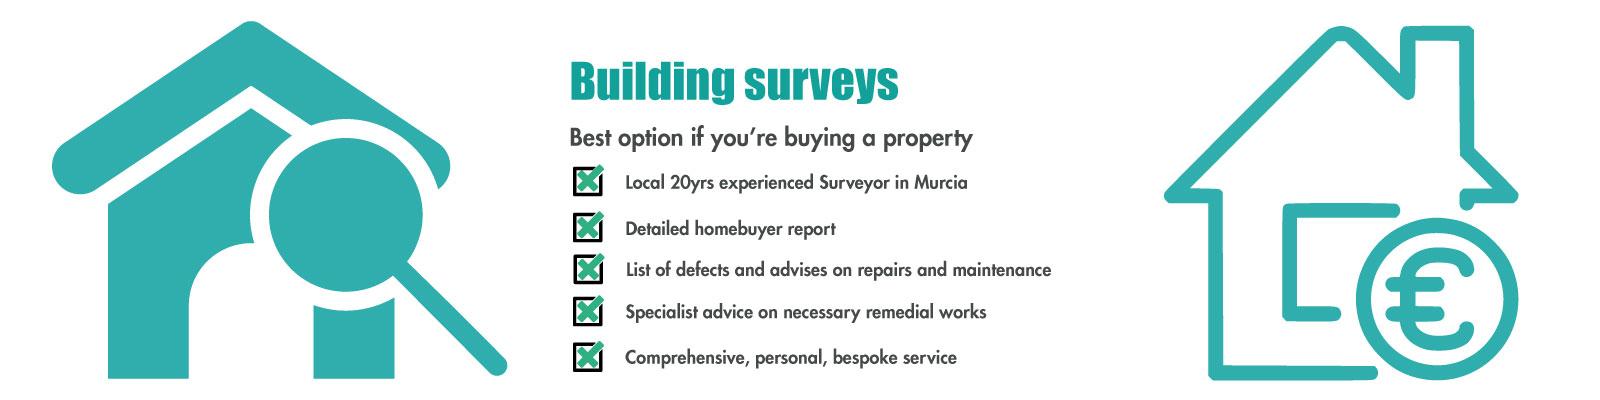 best building surveyor in Murcia